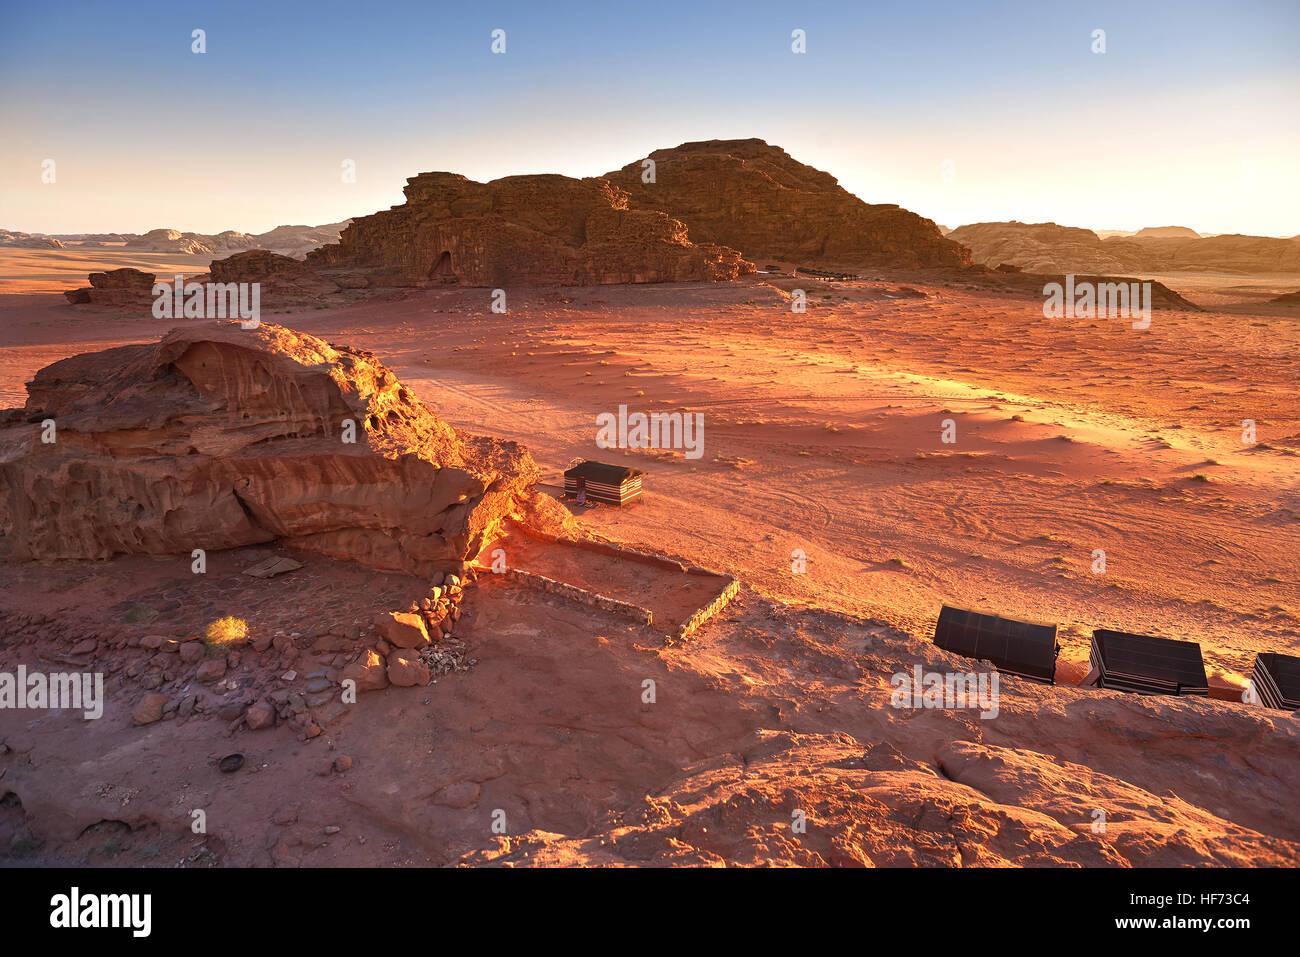 Vista panorámica de Wadi Rum contra el cielo claro durante el amanecer, el desierto de Arabia, Jordania Imagen De Stock